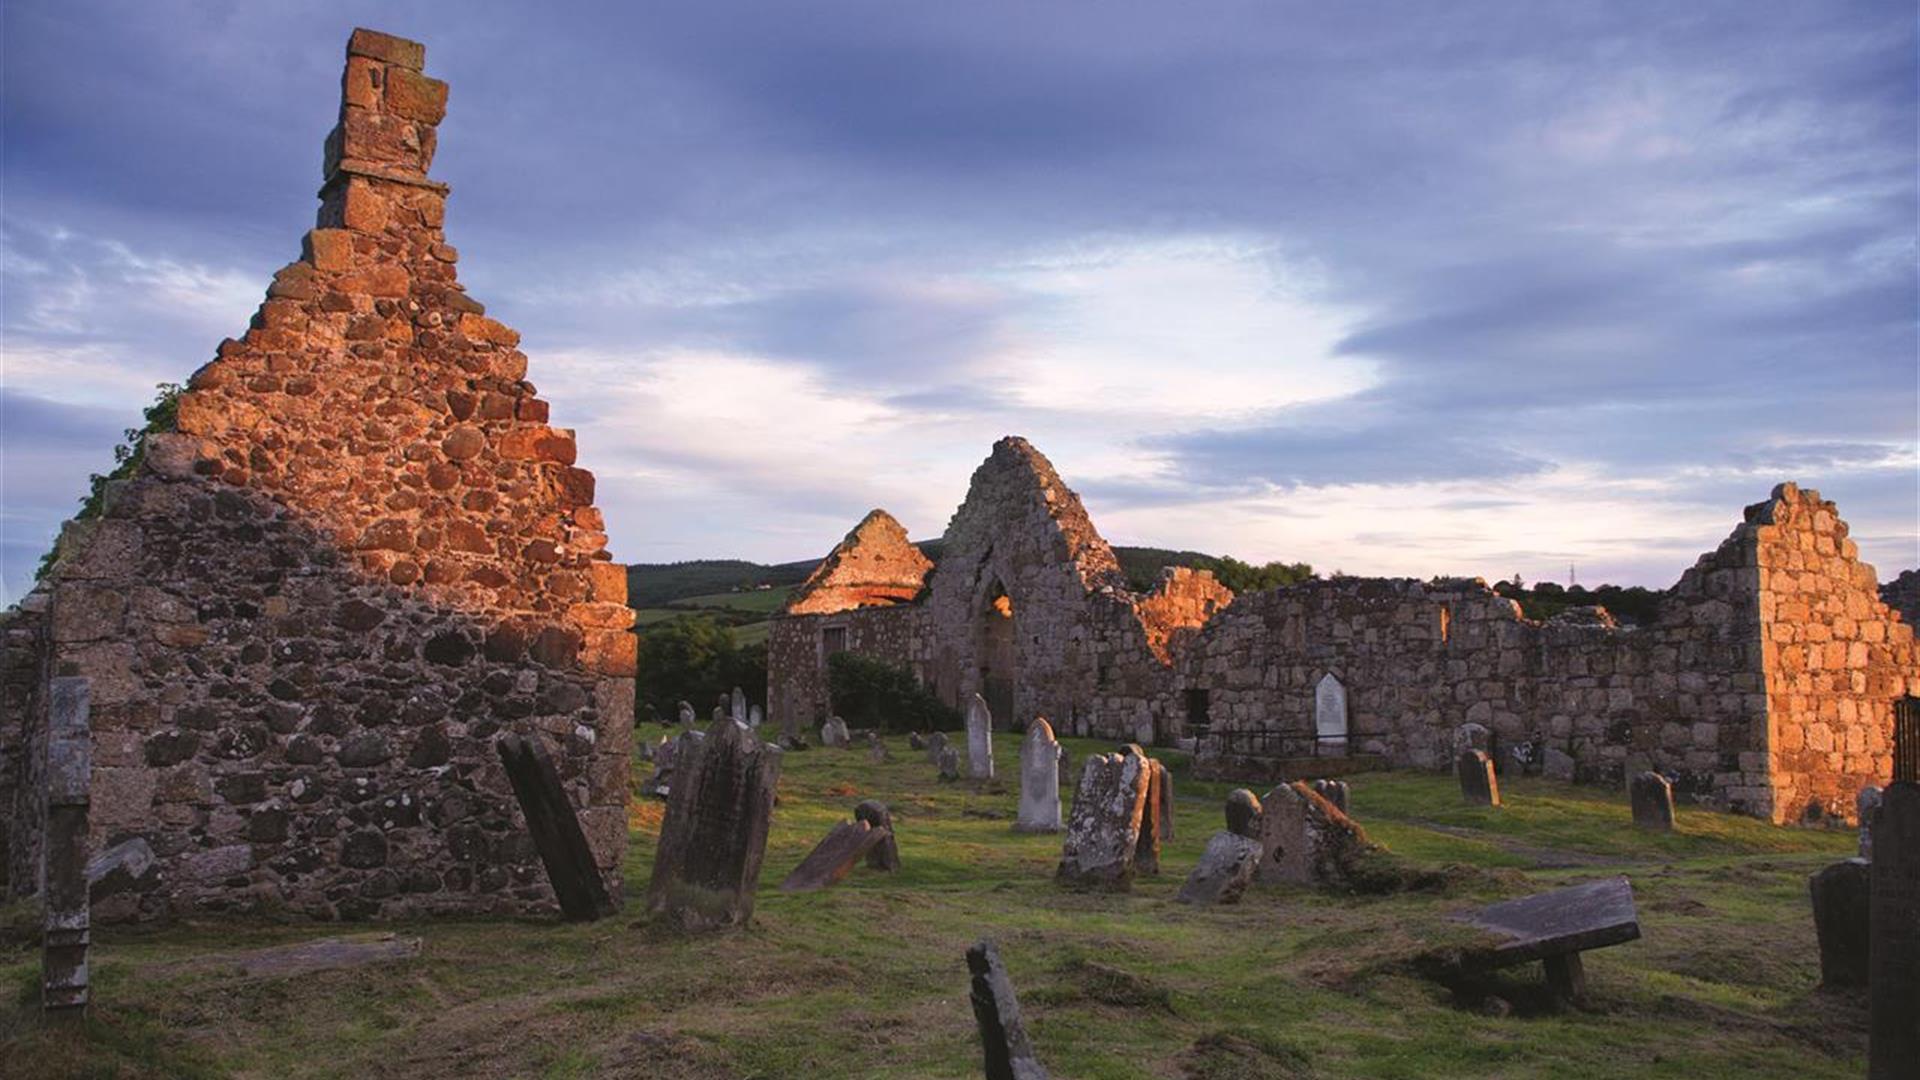 Giant Tours Ireland